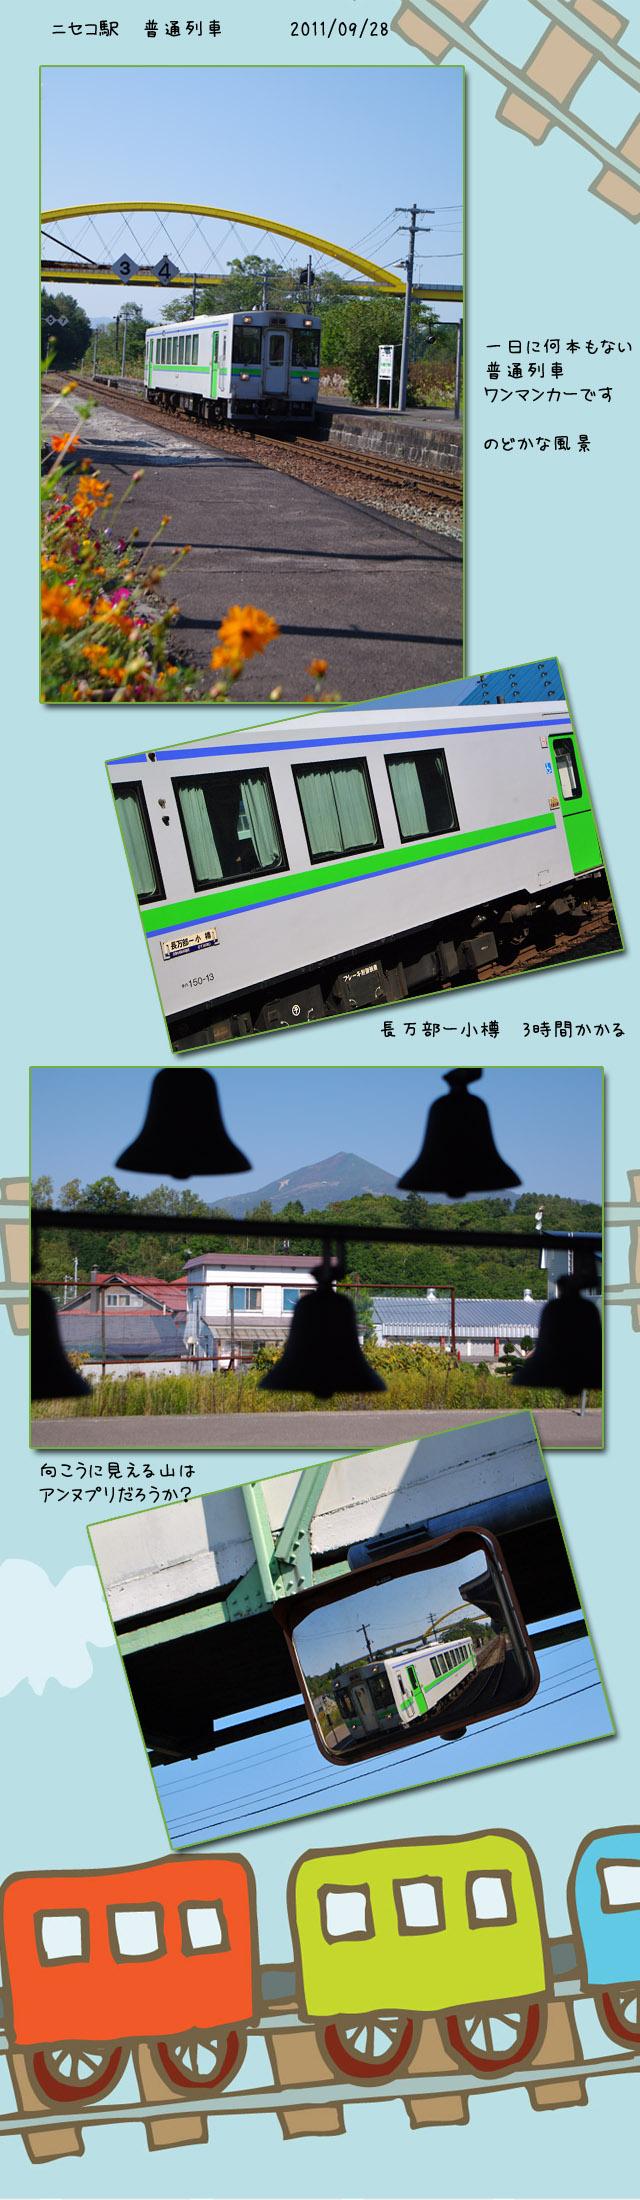 b0019313_182102.jpg